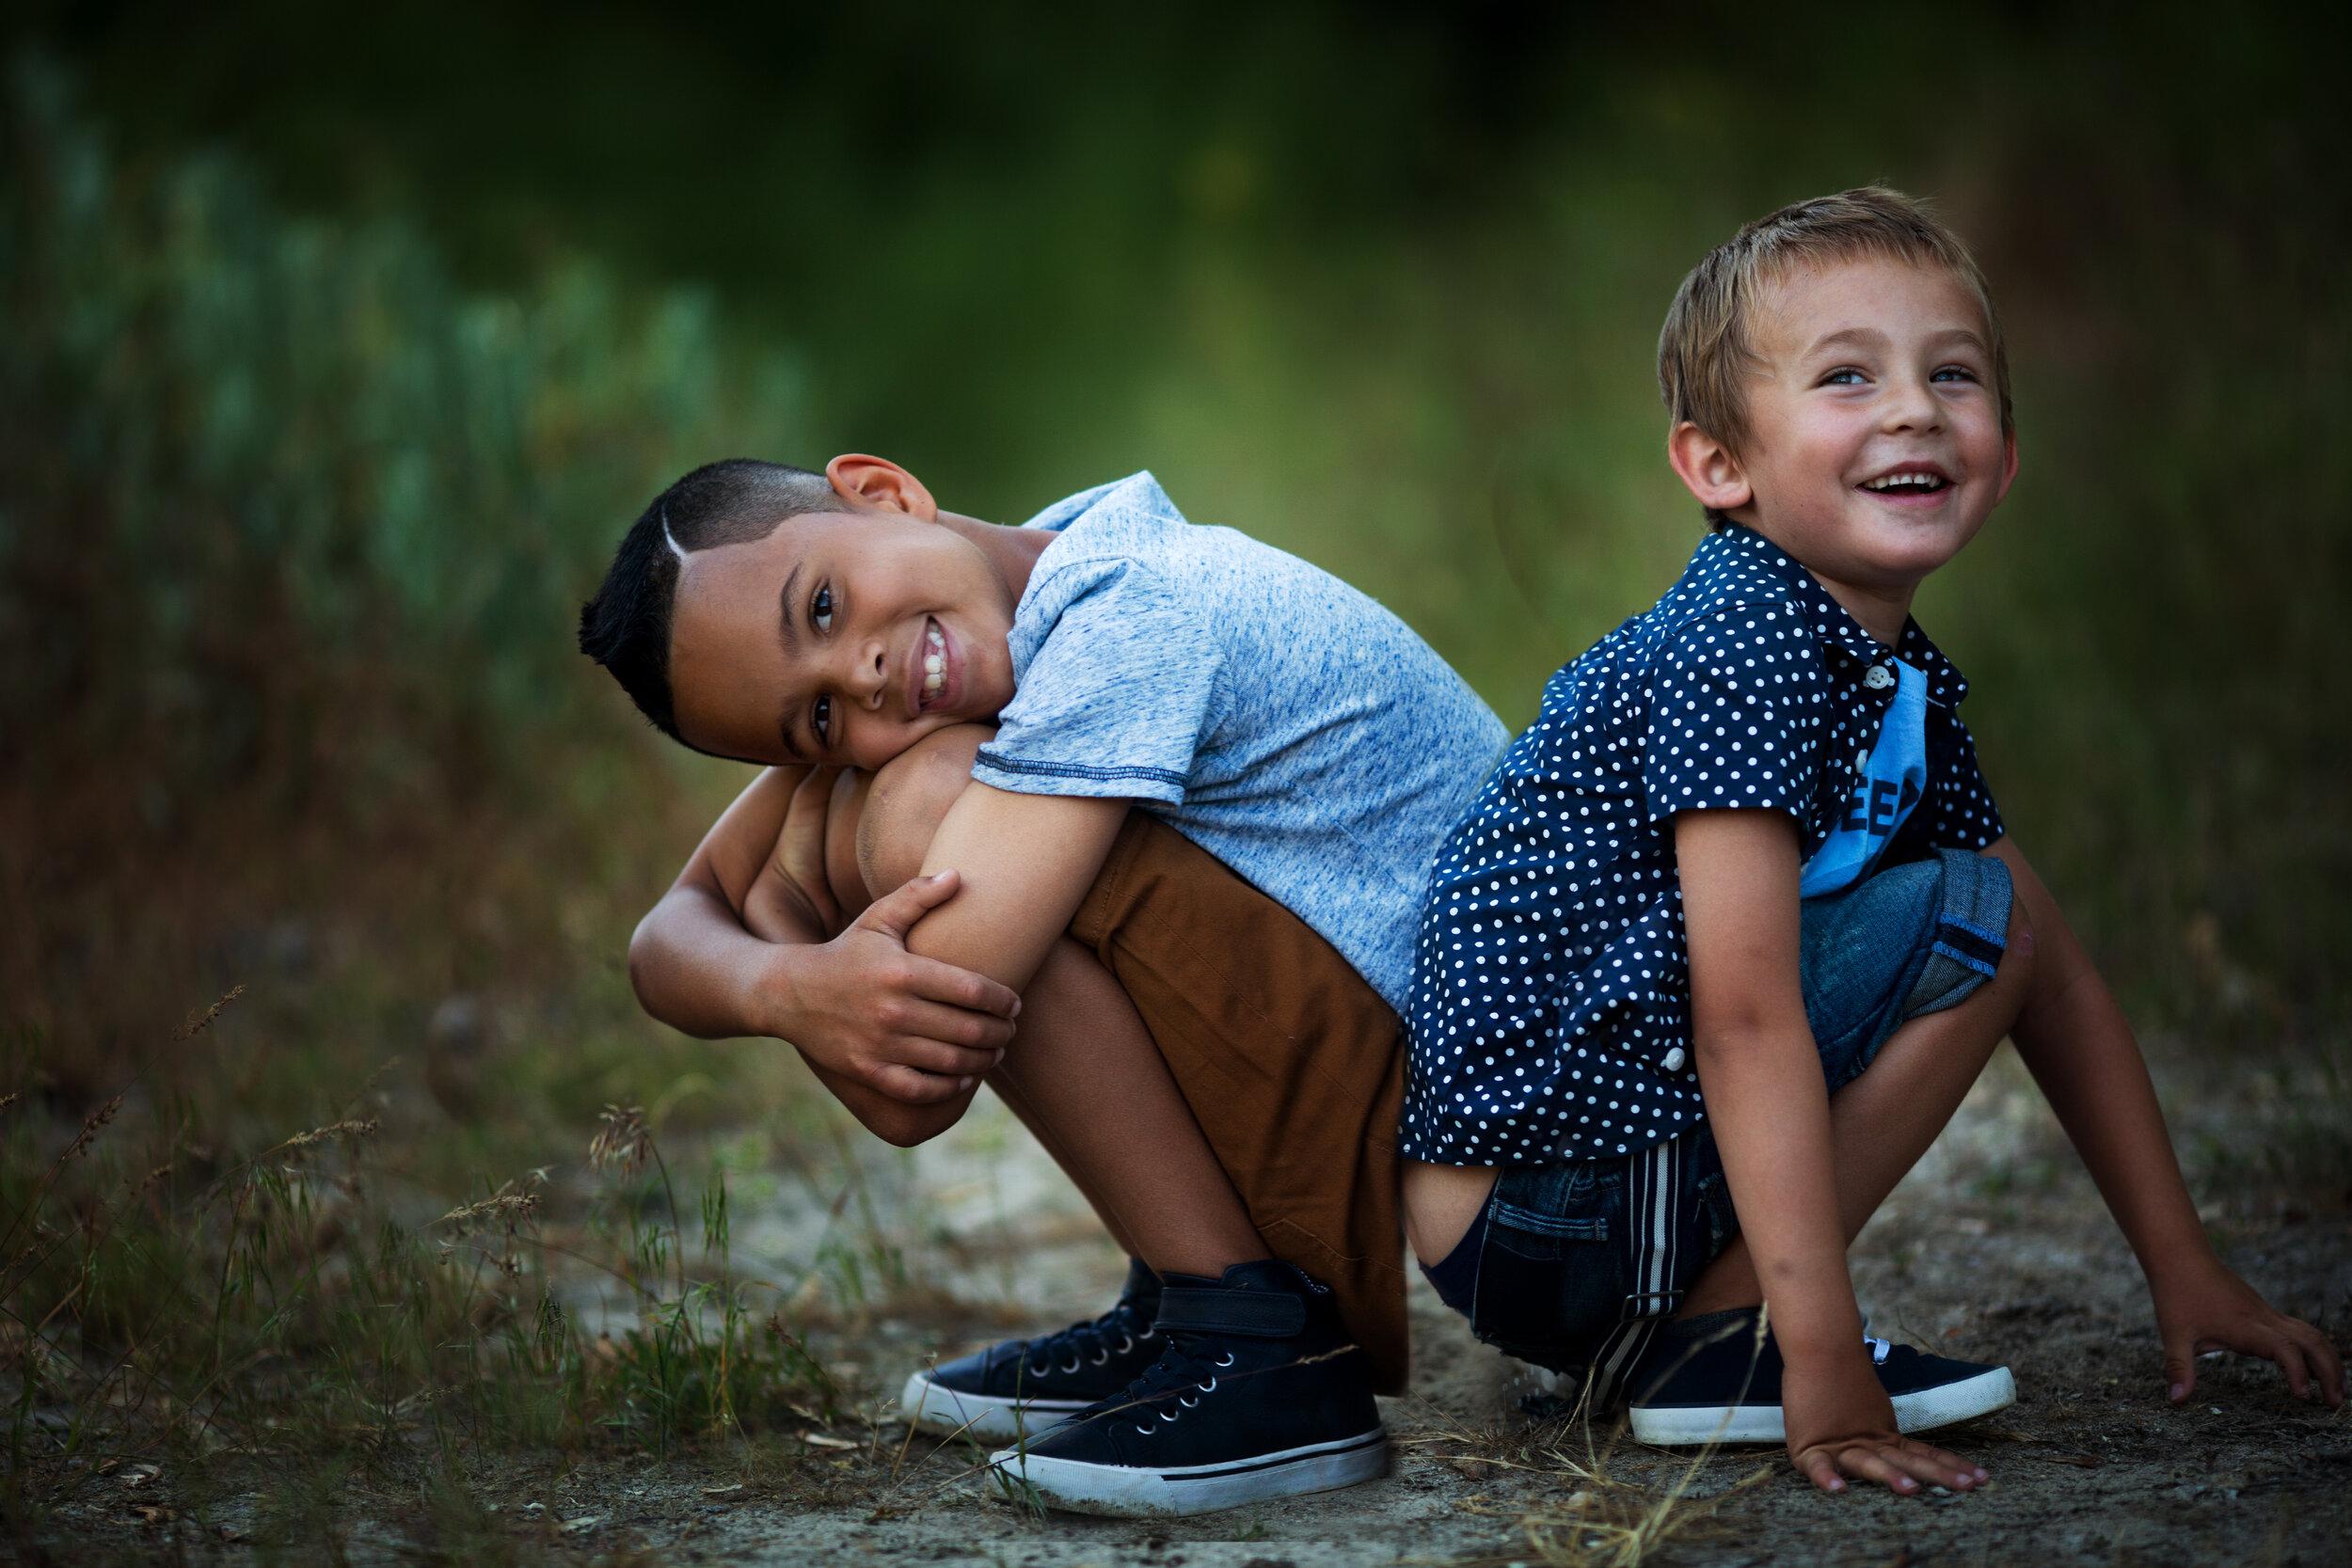 family photographer nampa idaho